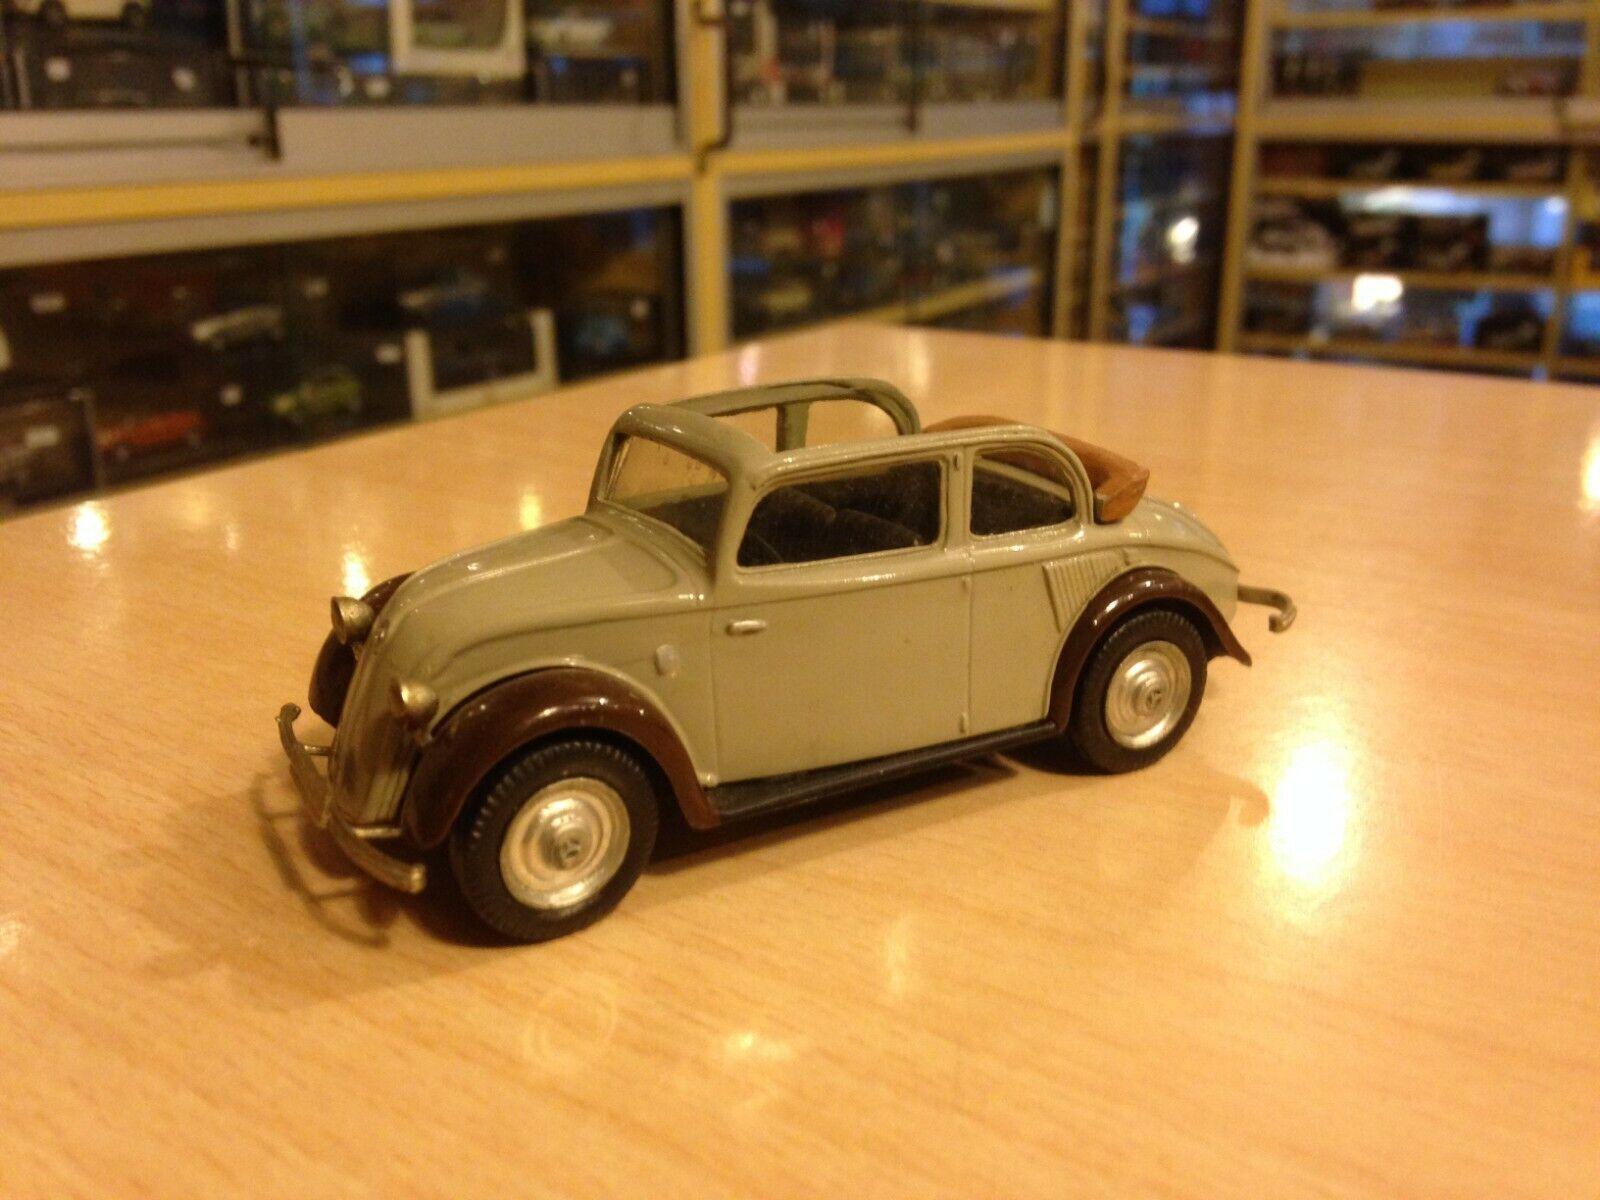 MERCEDES 130 H découvrable convertible 1 43  1933 PLUMBIES KIT built without box  offre spéciale